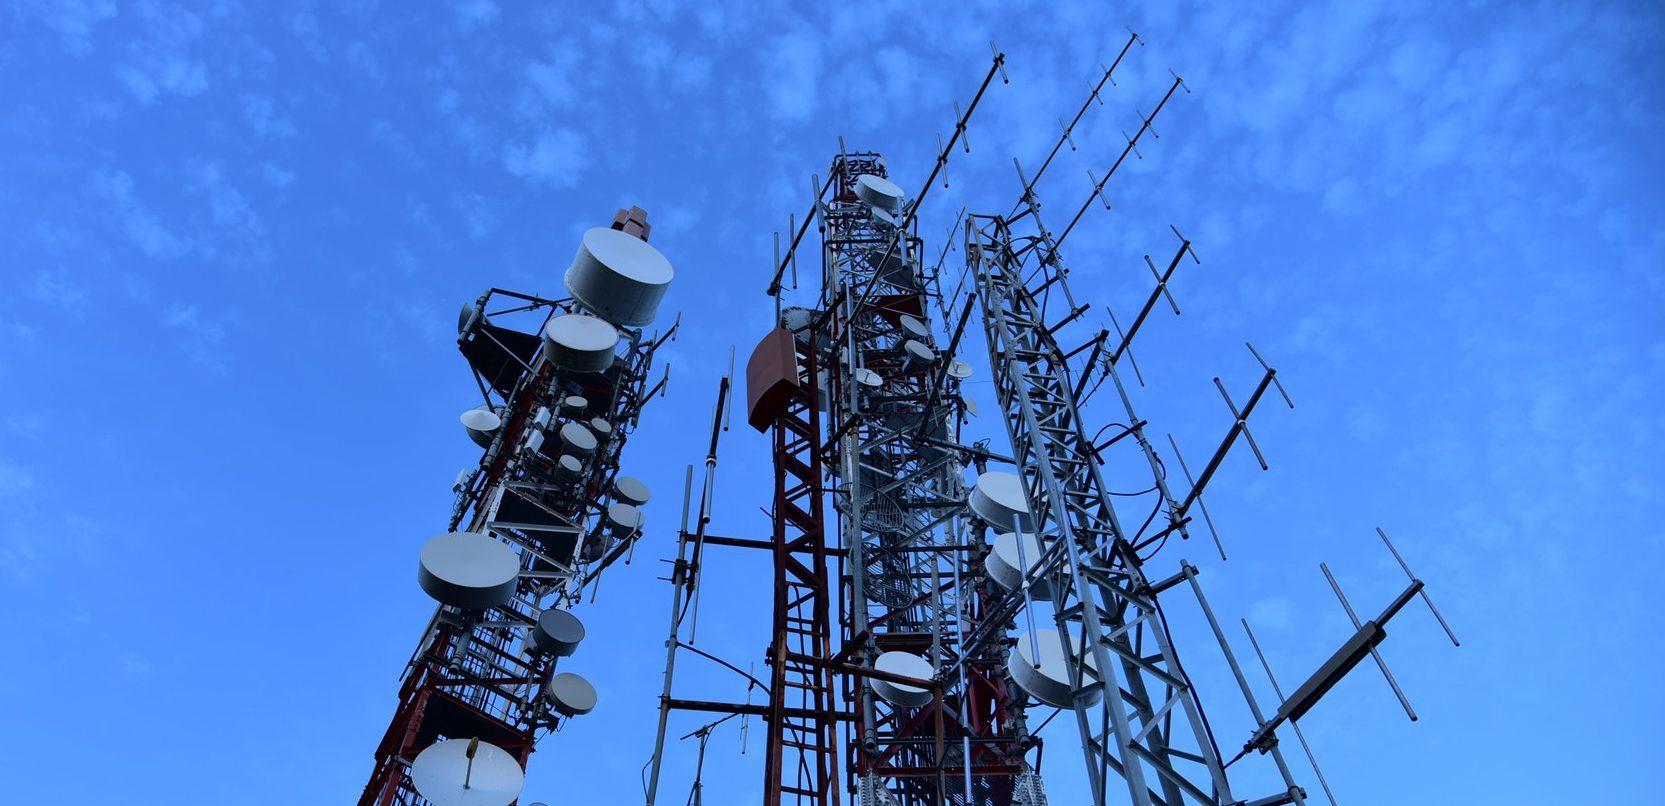 How Satellite Tv Works Poynt360